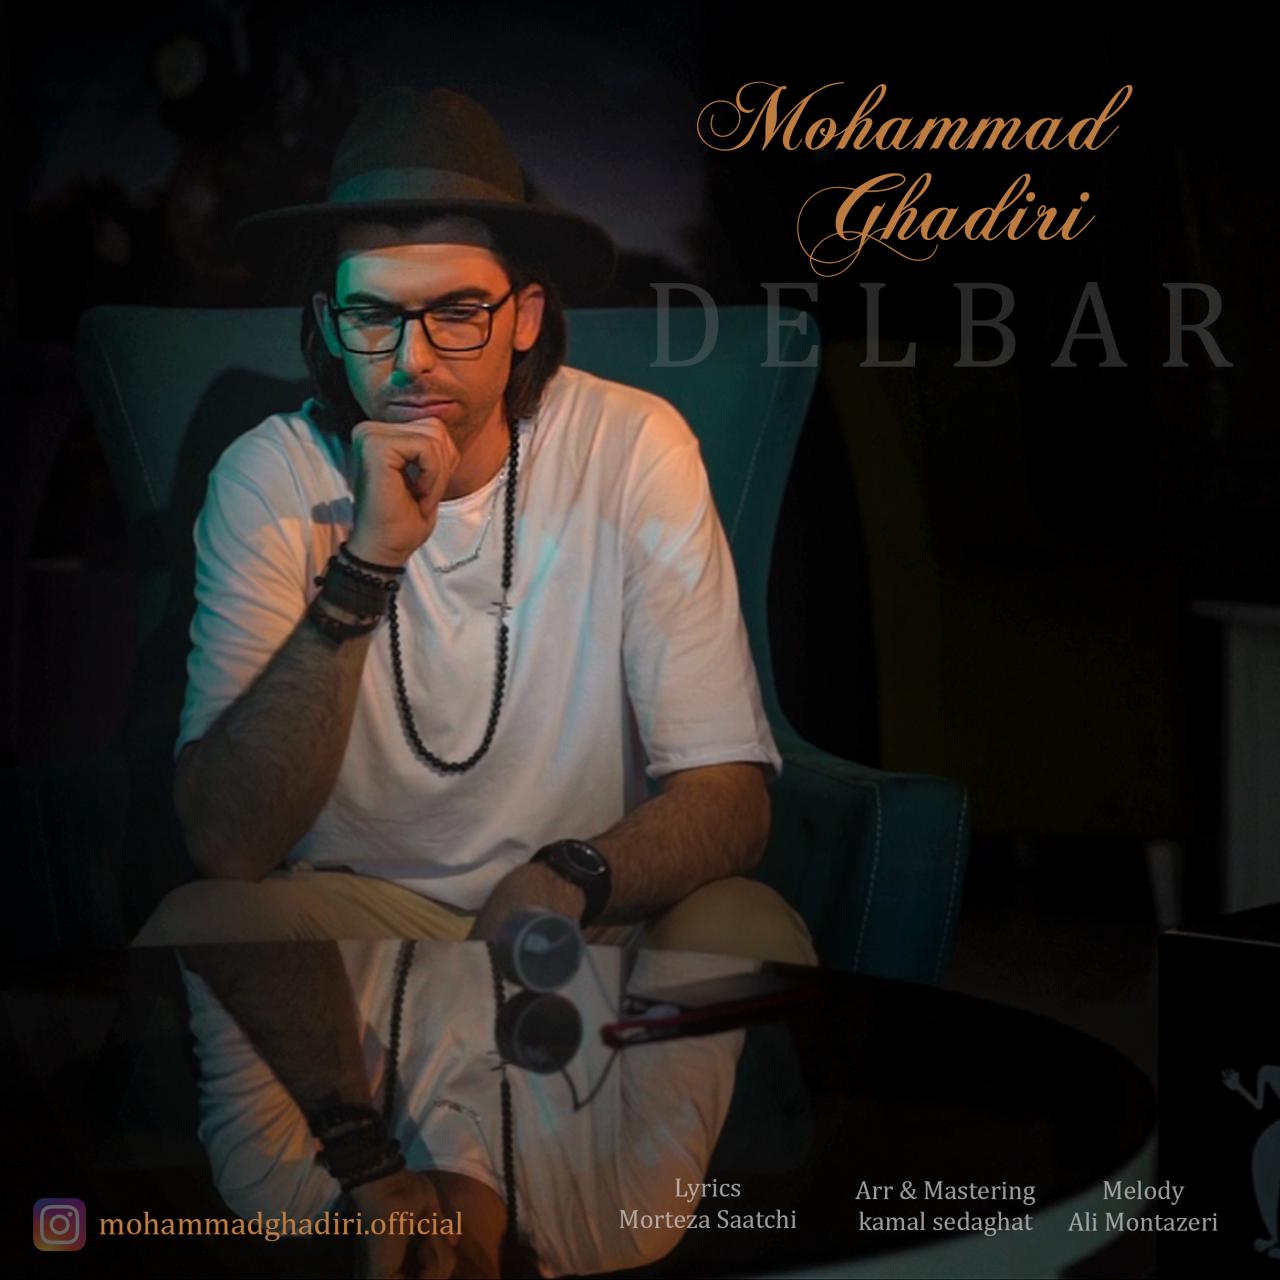 دانلود آهنگ جدید محمد غدیری بنام دلبر